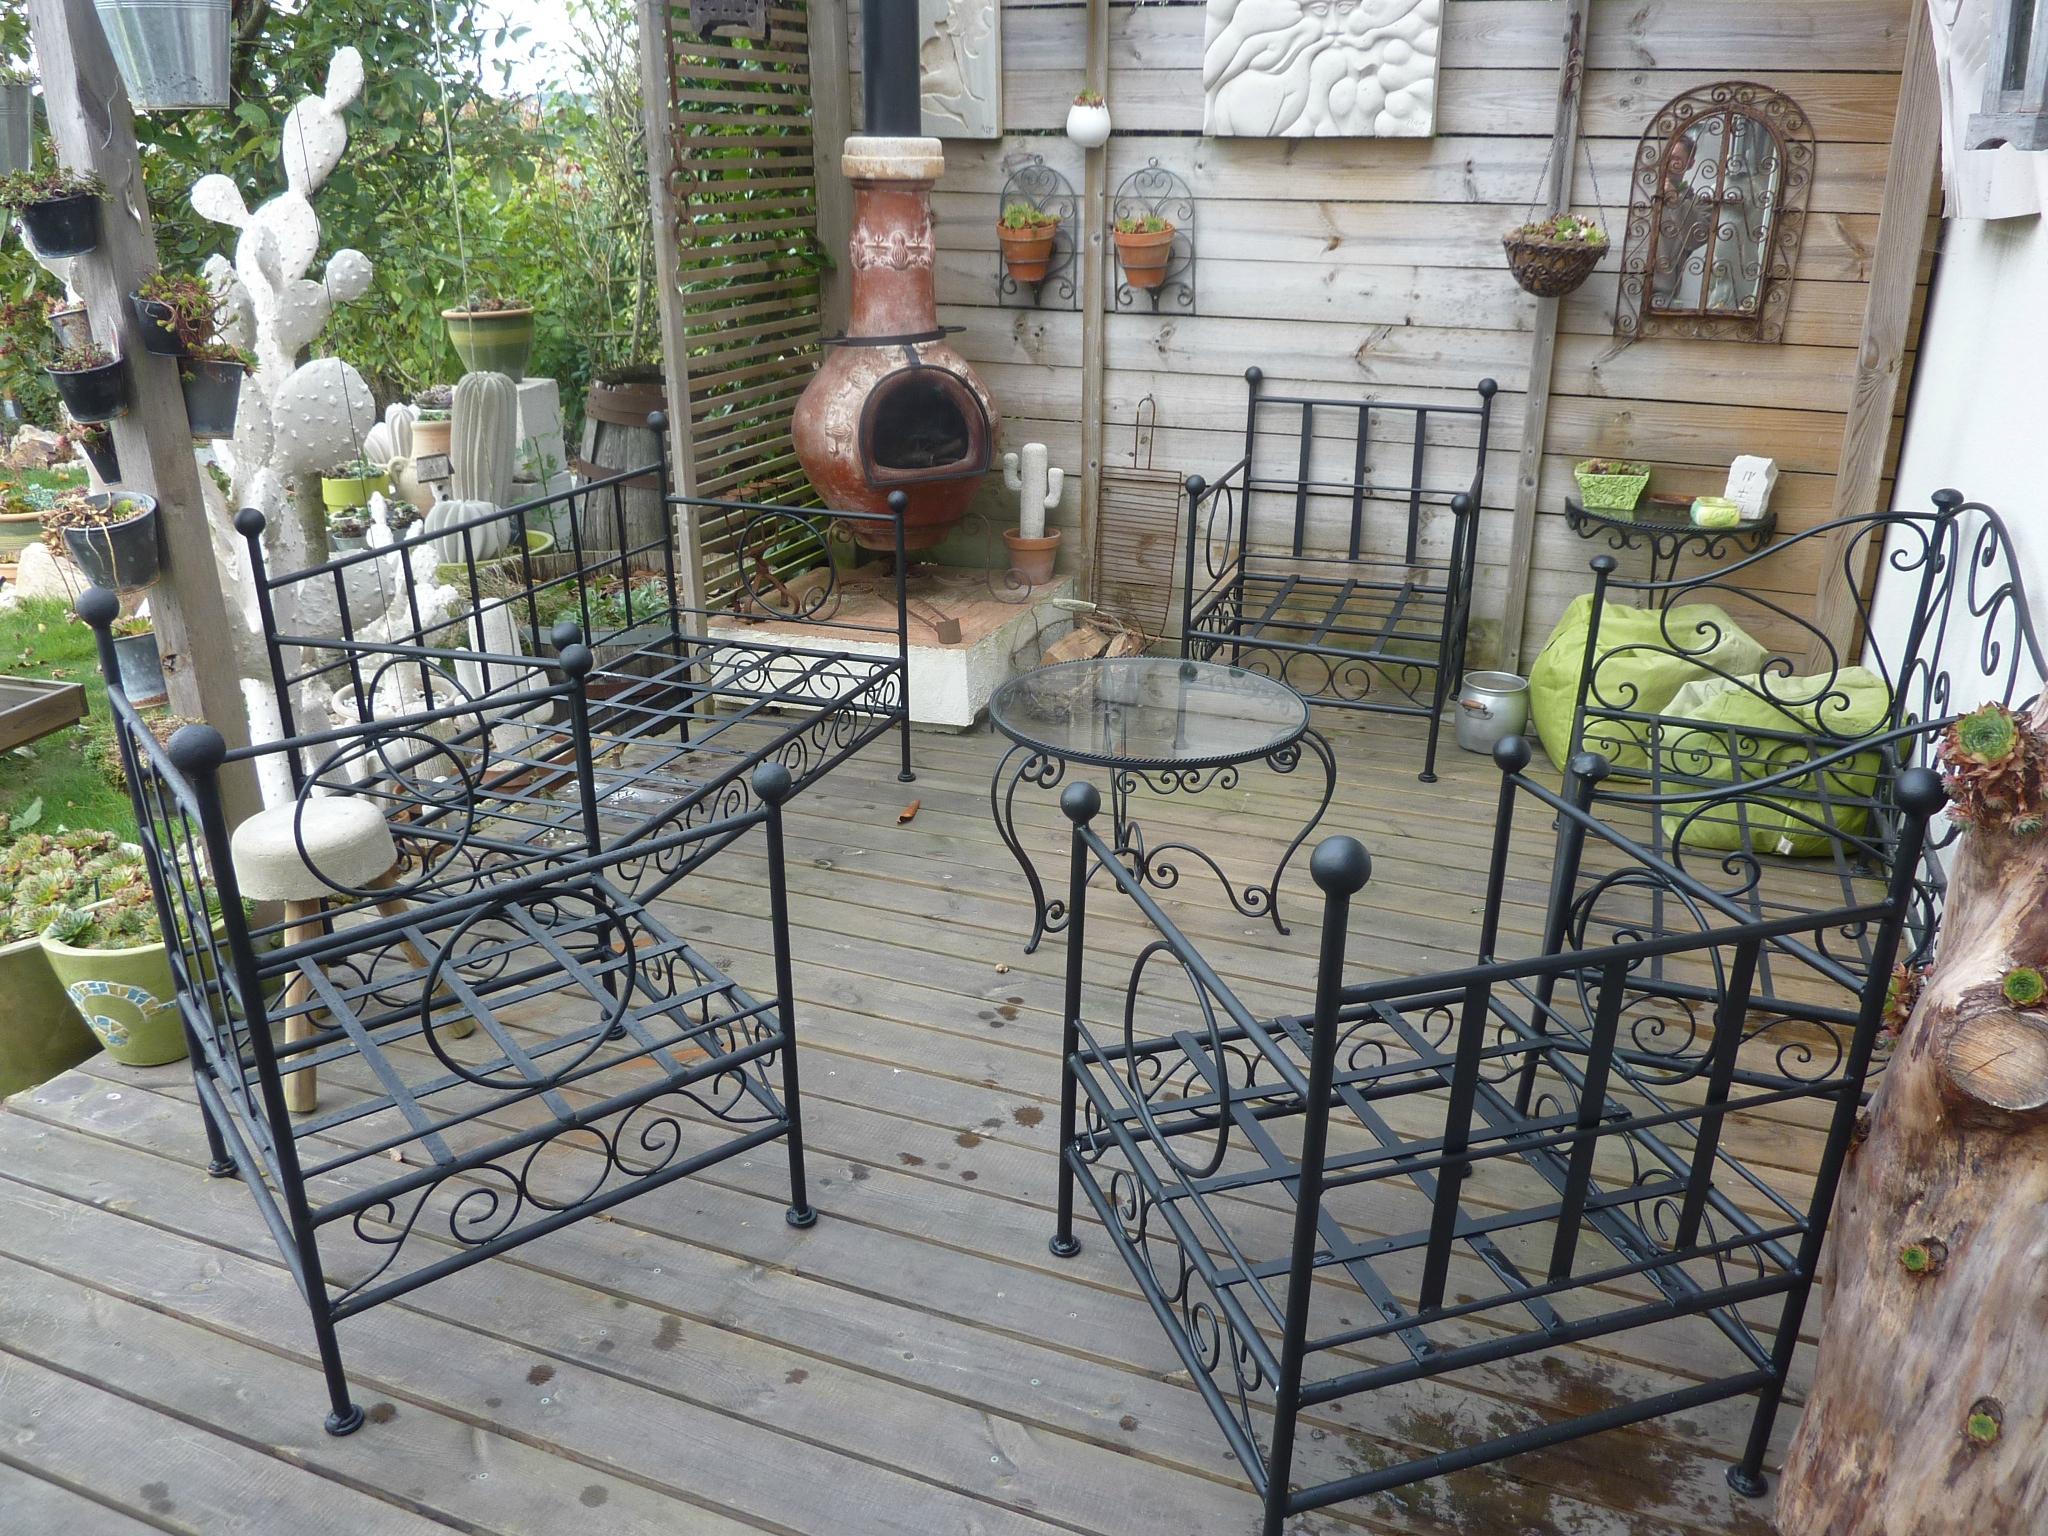 Salon De Jardin, Salon De Jardin En Fer Forgé, - La Lune Et ... pour Salon De Jardin En Fer Forgé